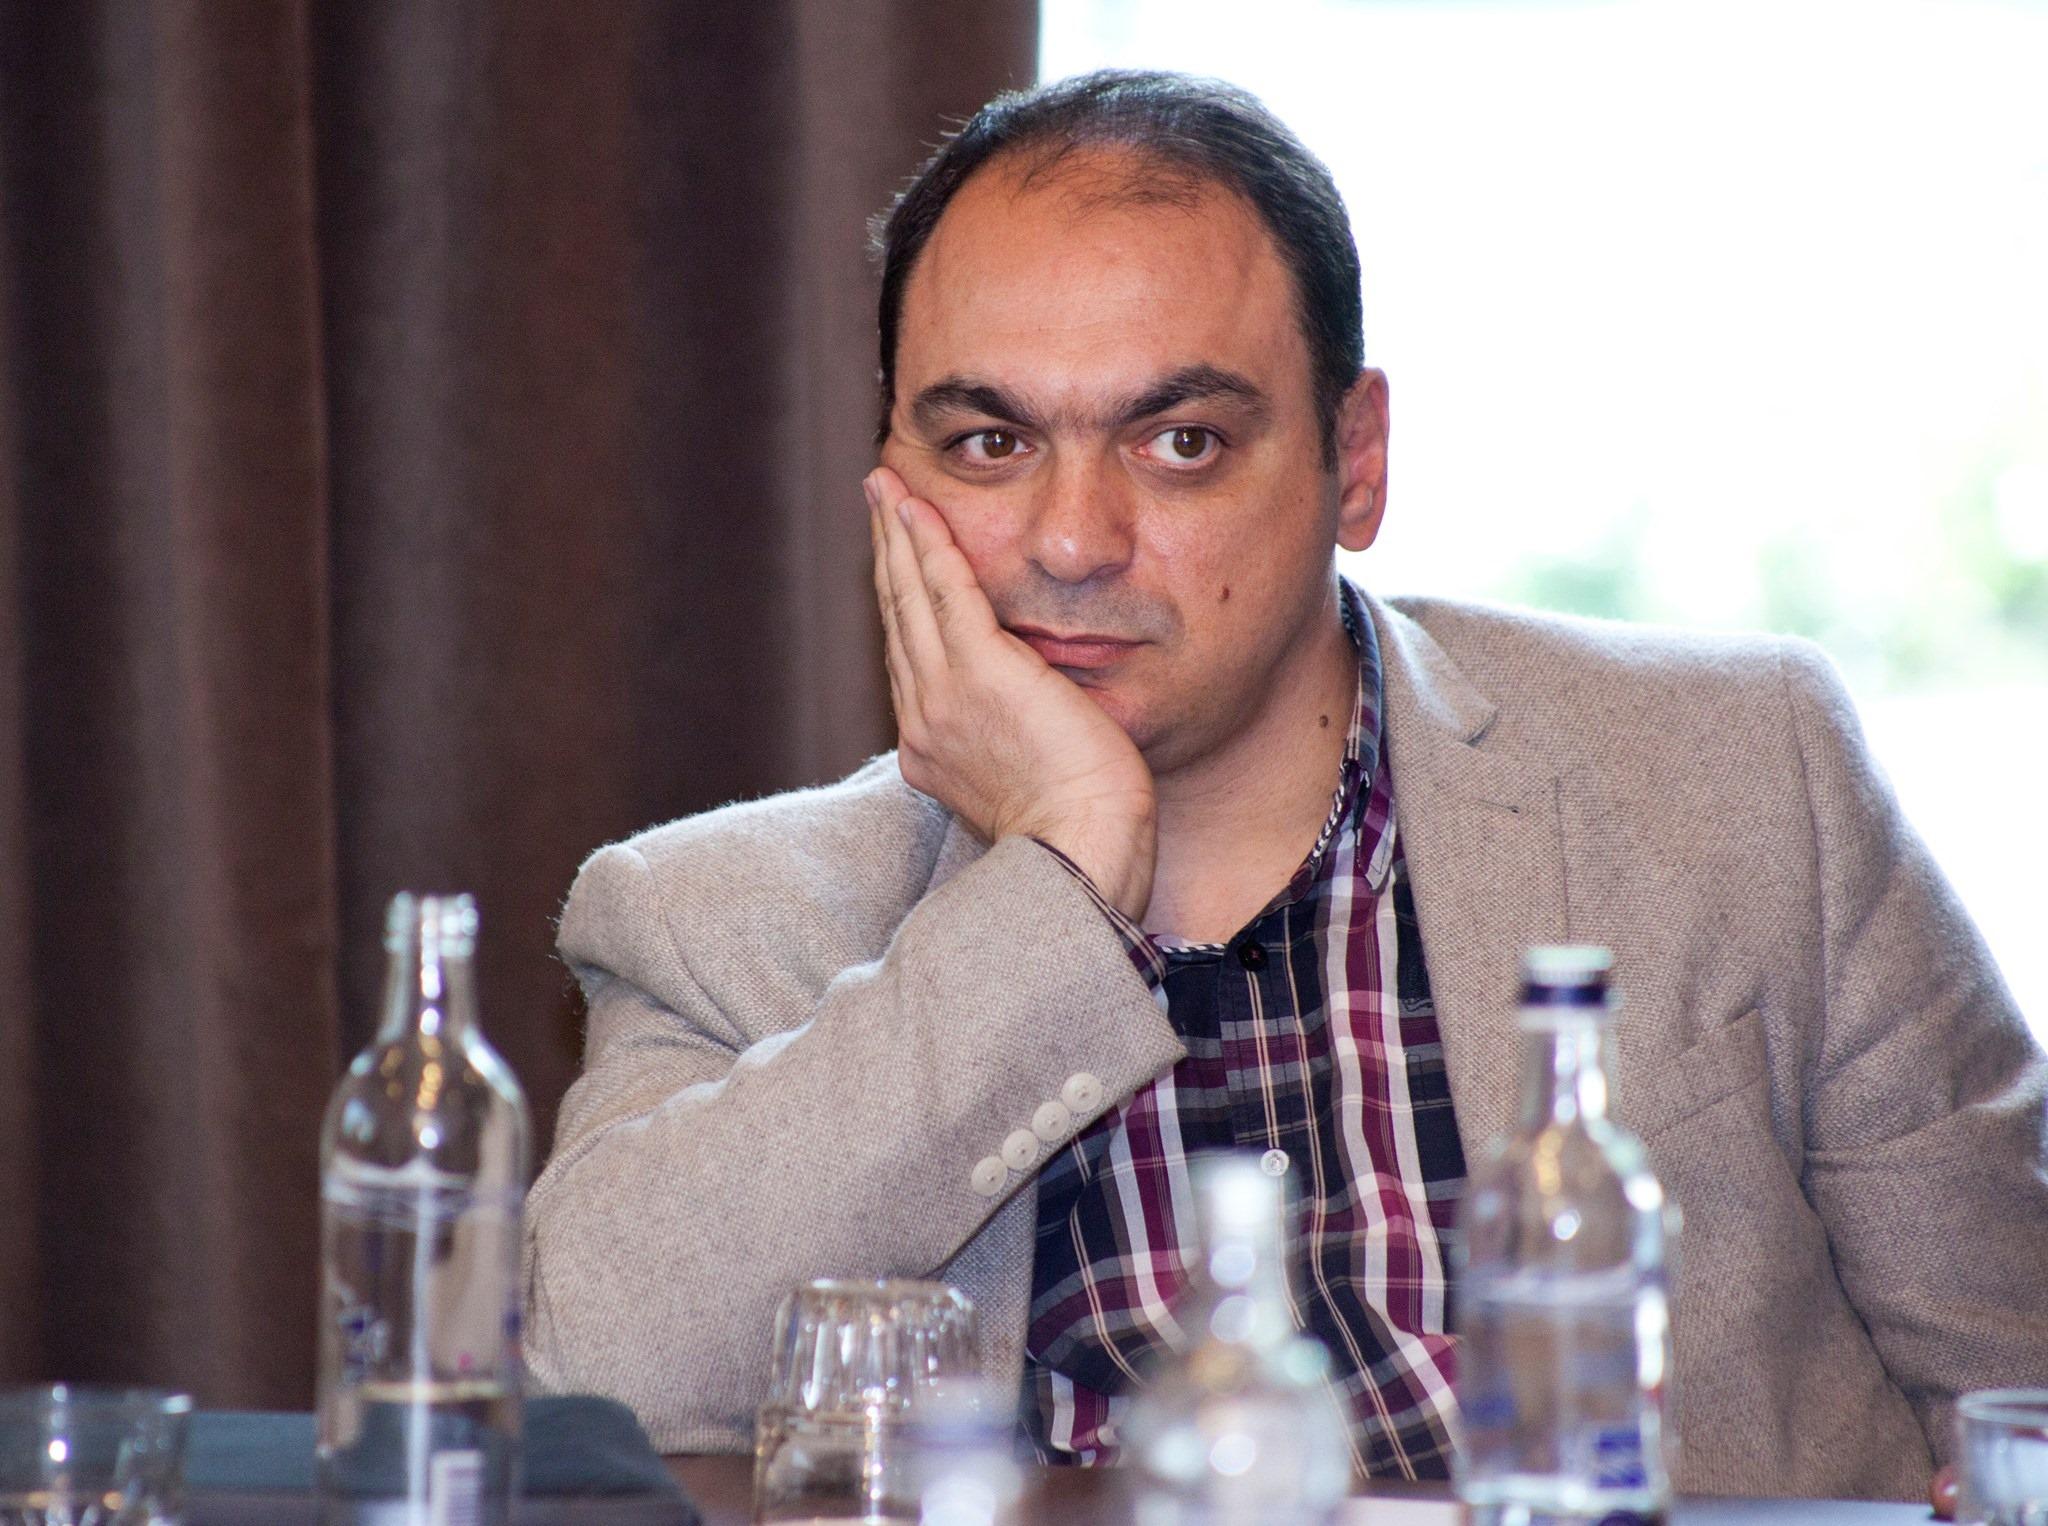 Բաքվում իր նկատմամբ ատելություն չի զգացել, սակայն թշնամանք զգացել է.հայ լրագրողներն Ադրբեջանում